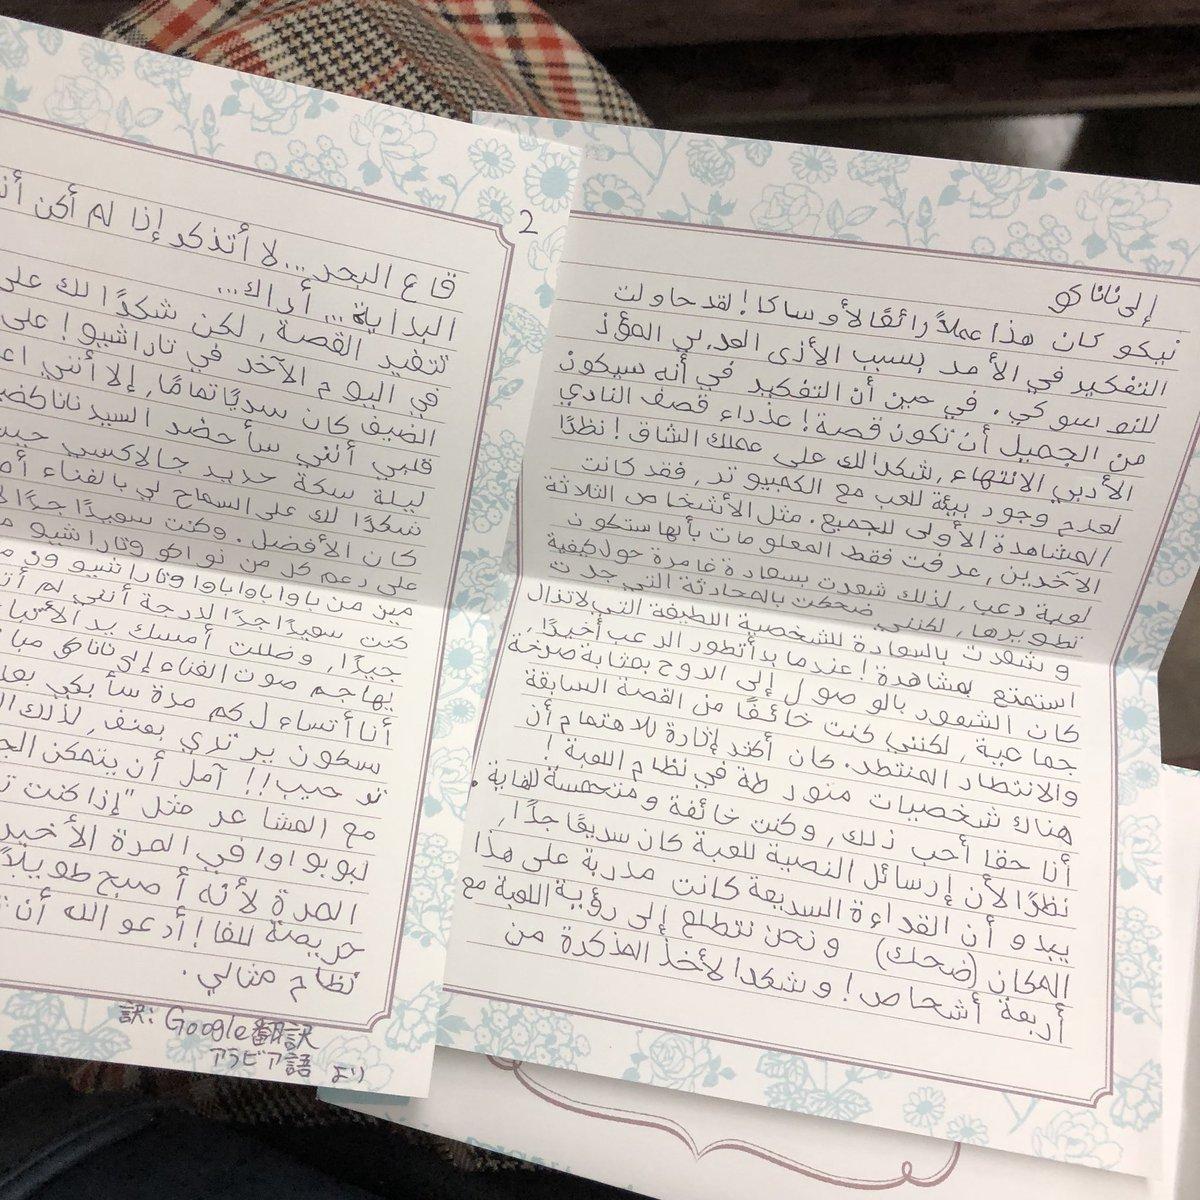 視聴者さんから頂いたお手紙を拝読しがら帰宅していた時に見つけた1枚。無茶言うな。